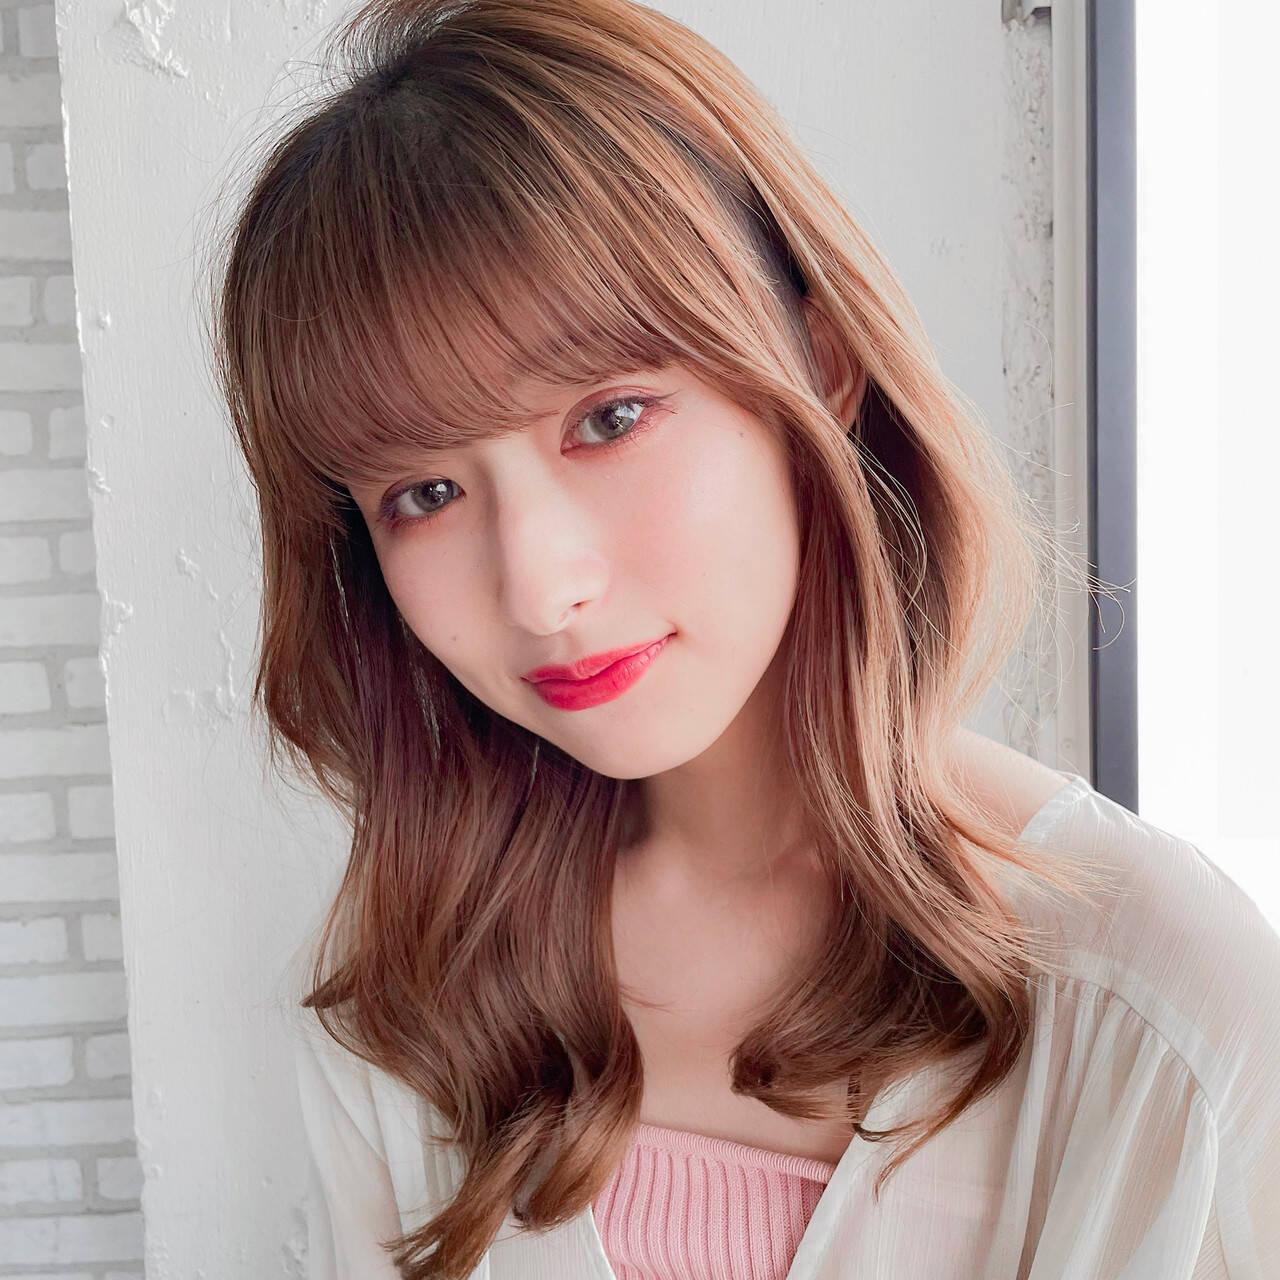 韓国ヘア ミディアムレイヤー シースルバング 巻き髪ヘアスタイルや髪型の写真・画像